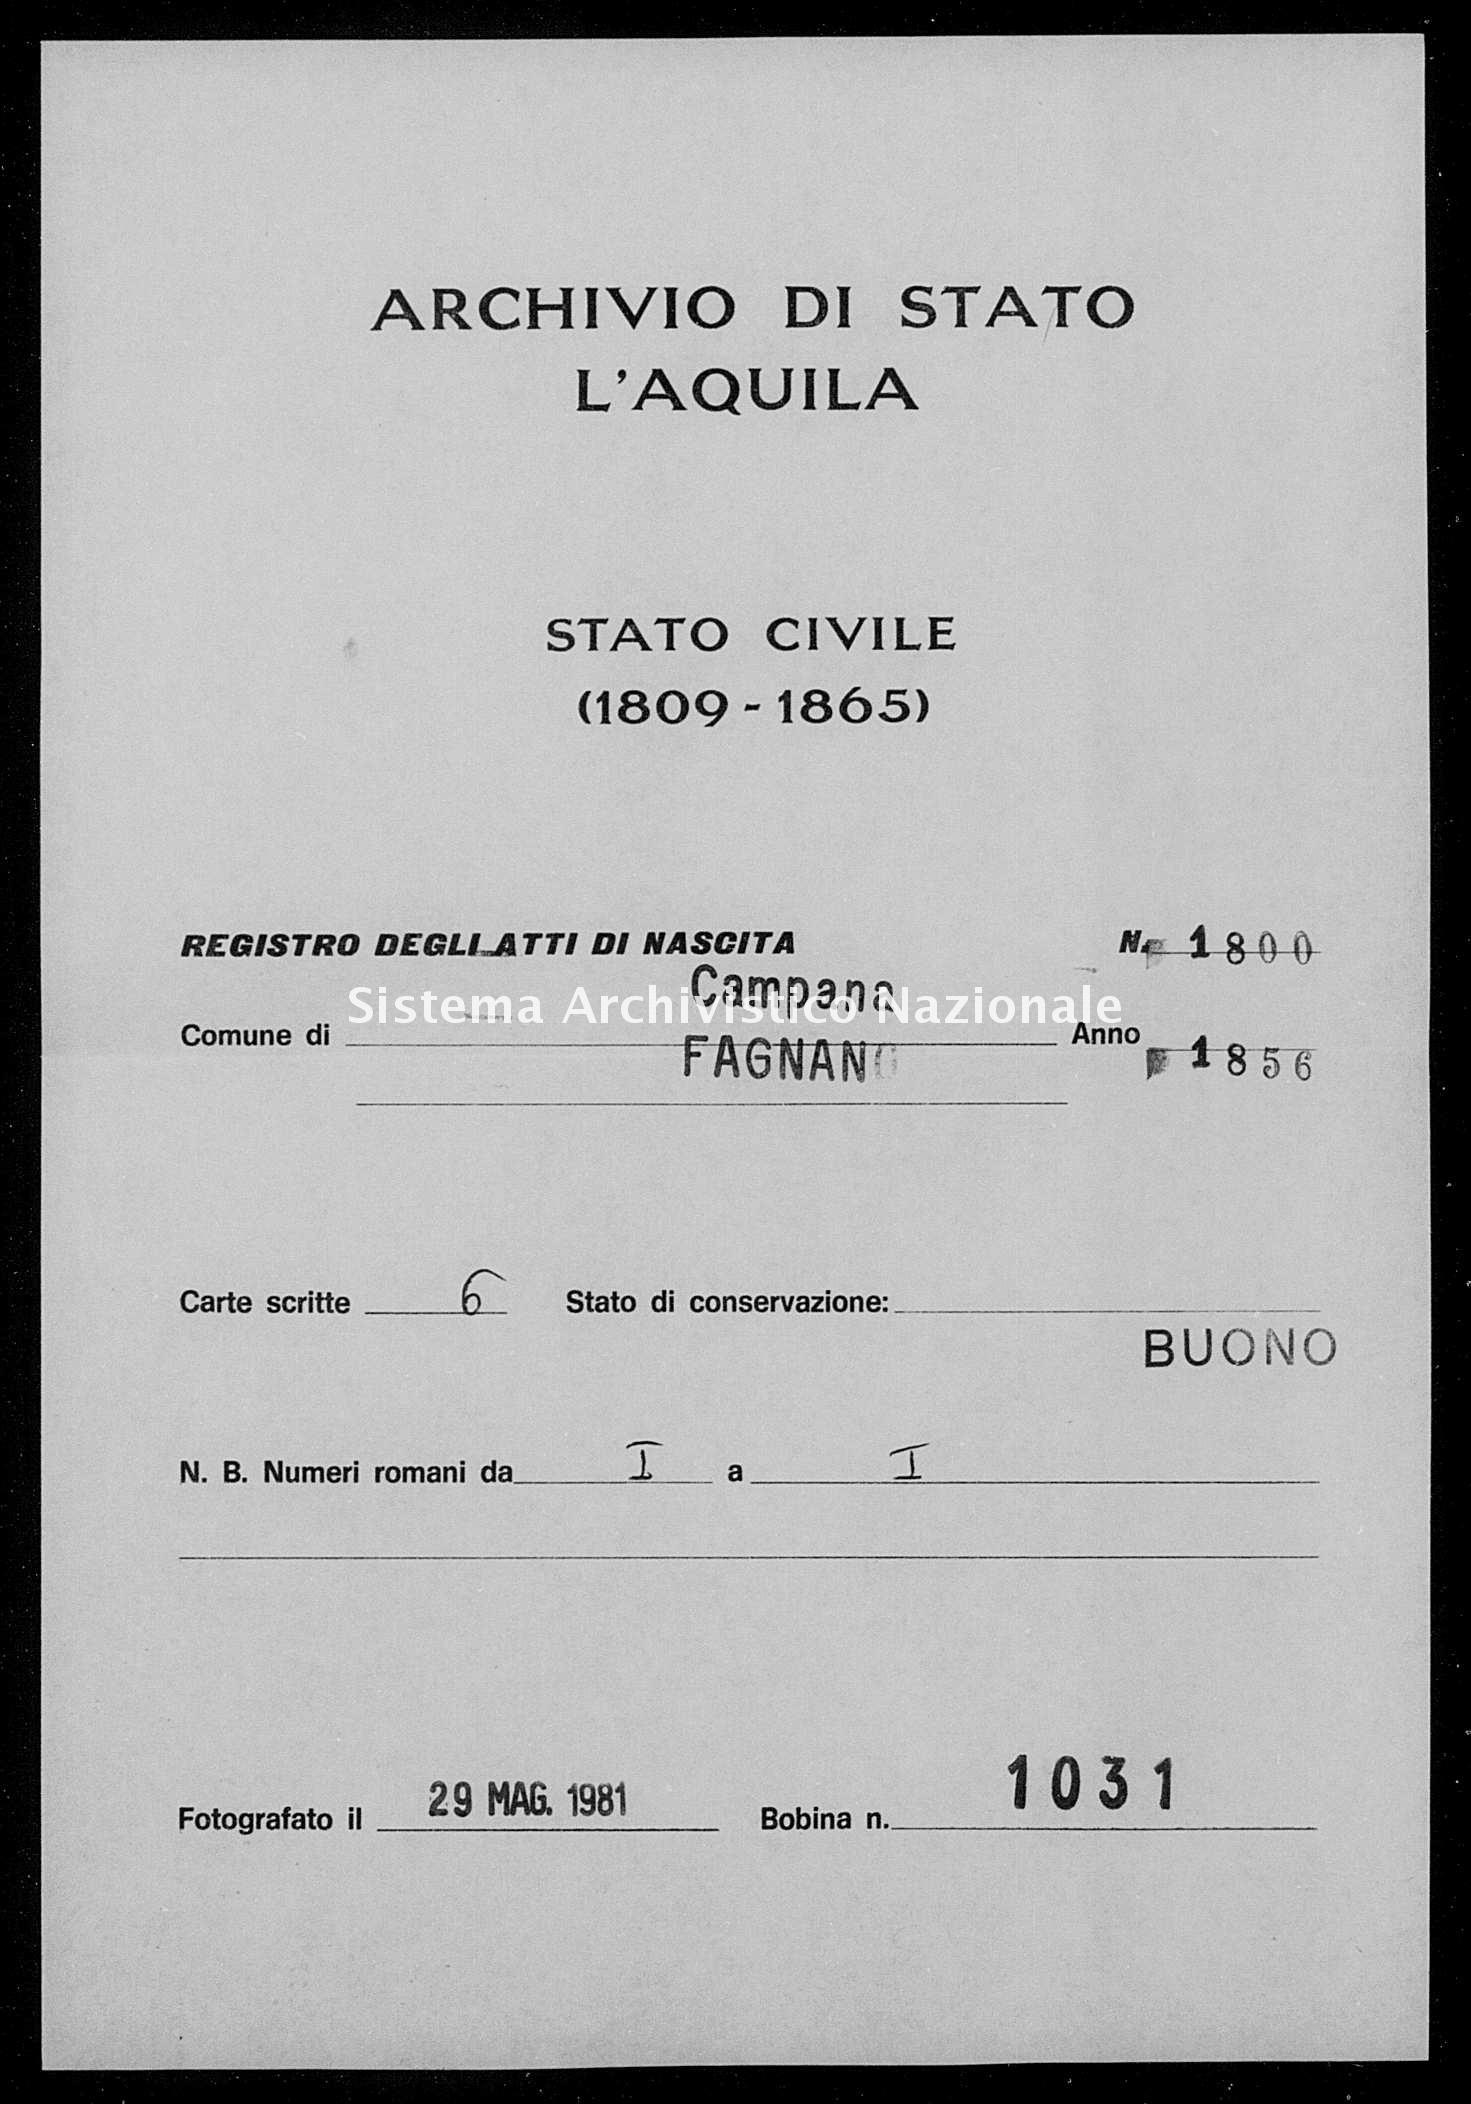 Archivio di stato di L'aquila - Stato civile della restaurazione - Campana - Nati - 1856 - 1800 -